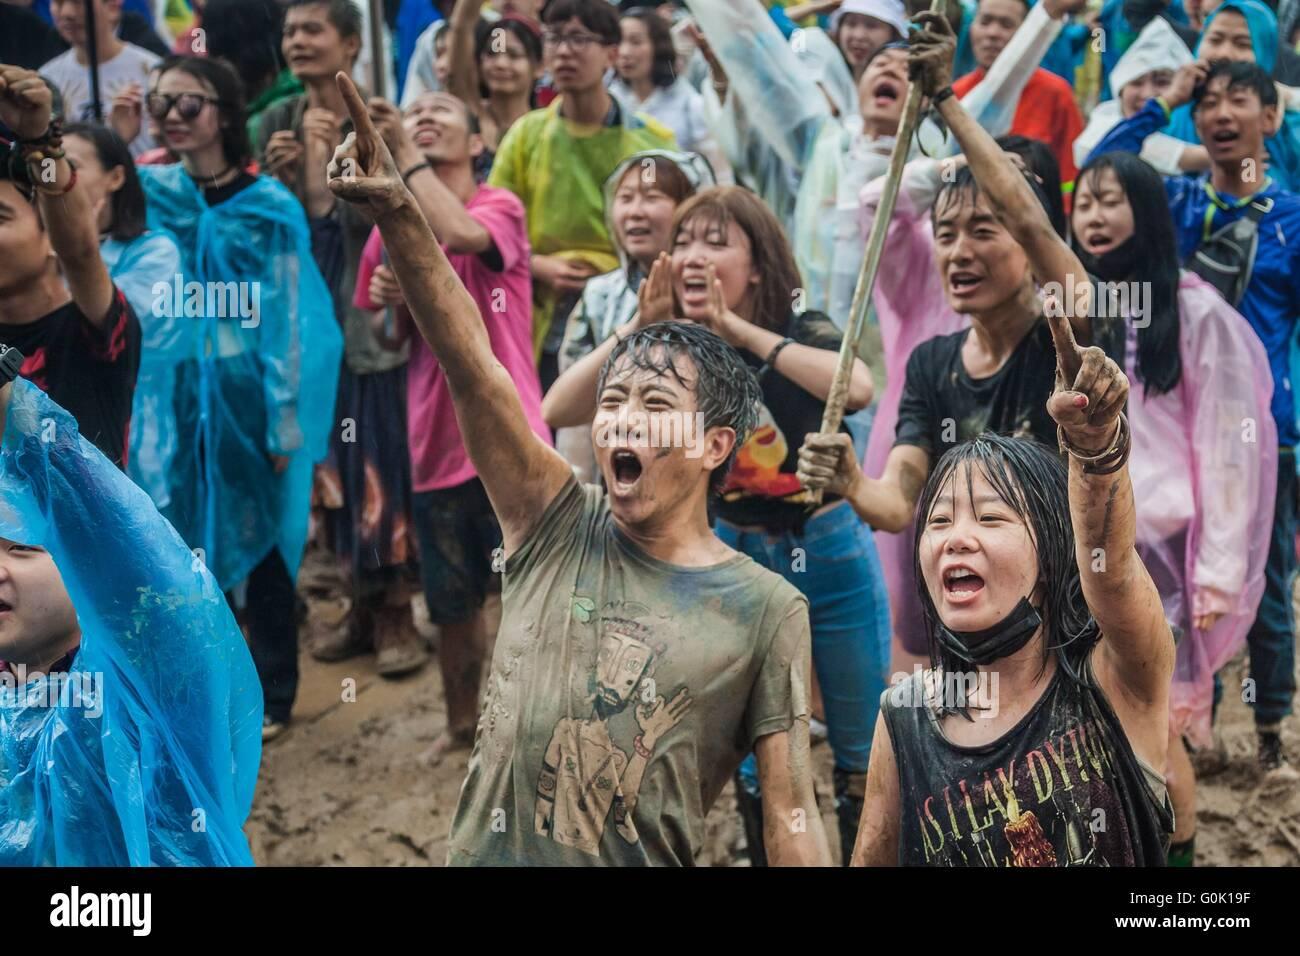 Suzhou, Province de Jiangsu en Chine. 2 mai, 2016. Music fans cheer à midi Festival à Suzhou Taihu, la Photo Stock